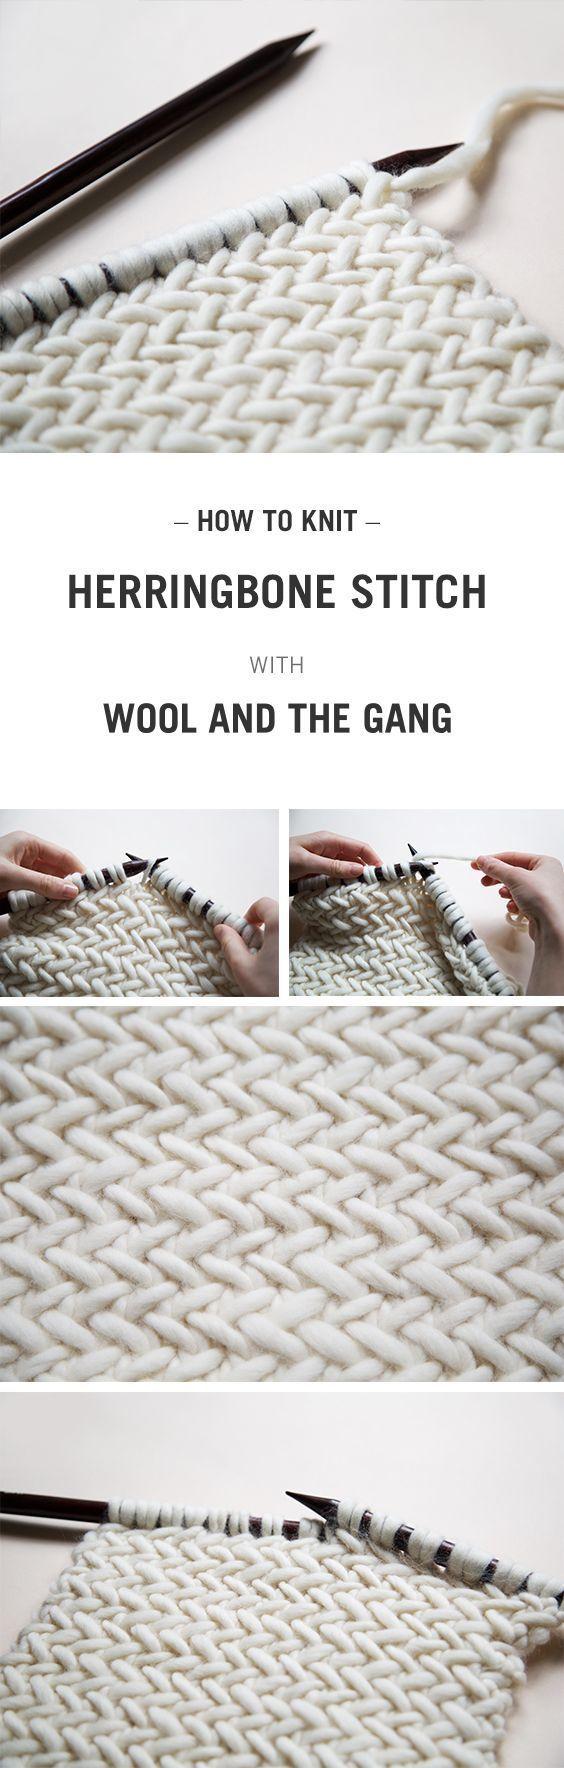 Dies Ist Jetzt Eine Schöne Möglichkeit, Eine Kante Zu Stabilisieren, Die Keine Rippung Oder Dies ist jetzt eine schöne Möglichkeit, eine Kante zu stabilisieren, die keine Rippung oder Knitting Techniques new knitting techniques